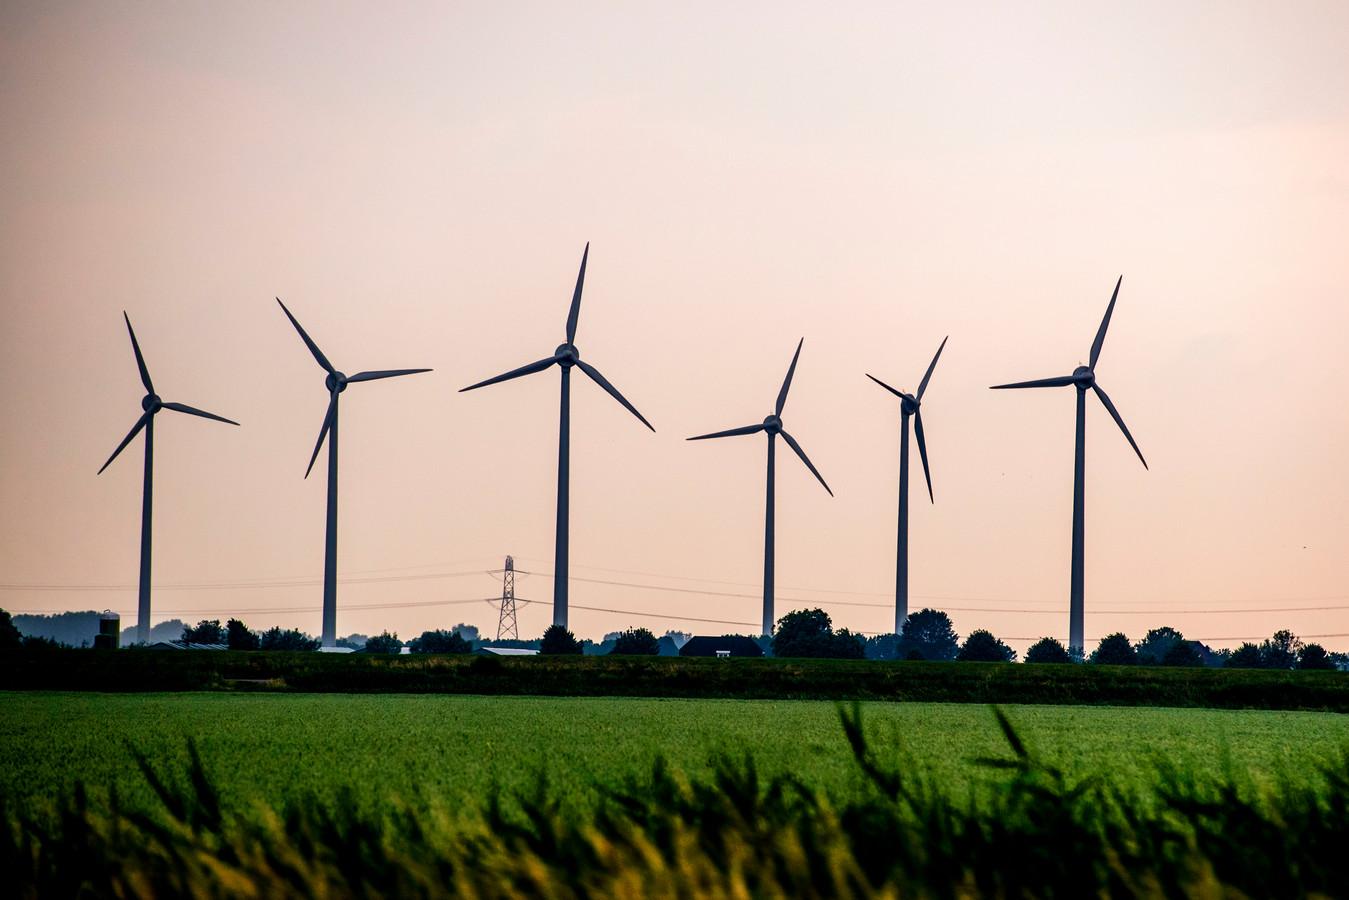 De inwoners van Borne kunnen binnenkort hun mening geven over het plaatsen van windmolens in de gemeente.